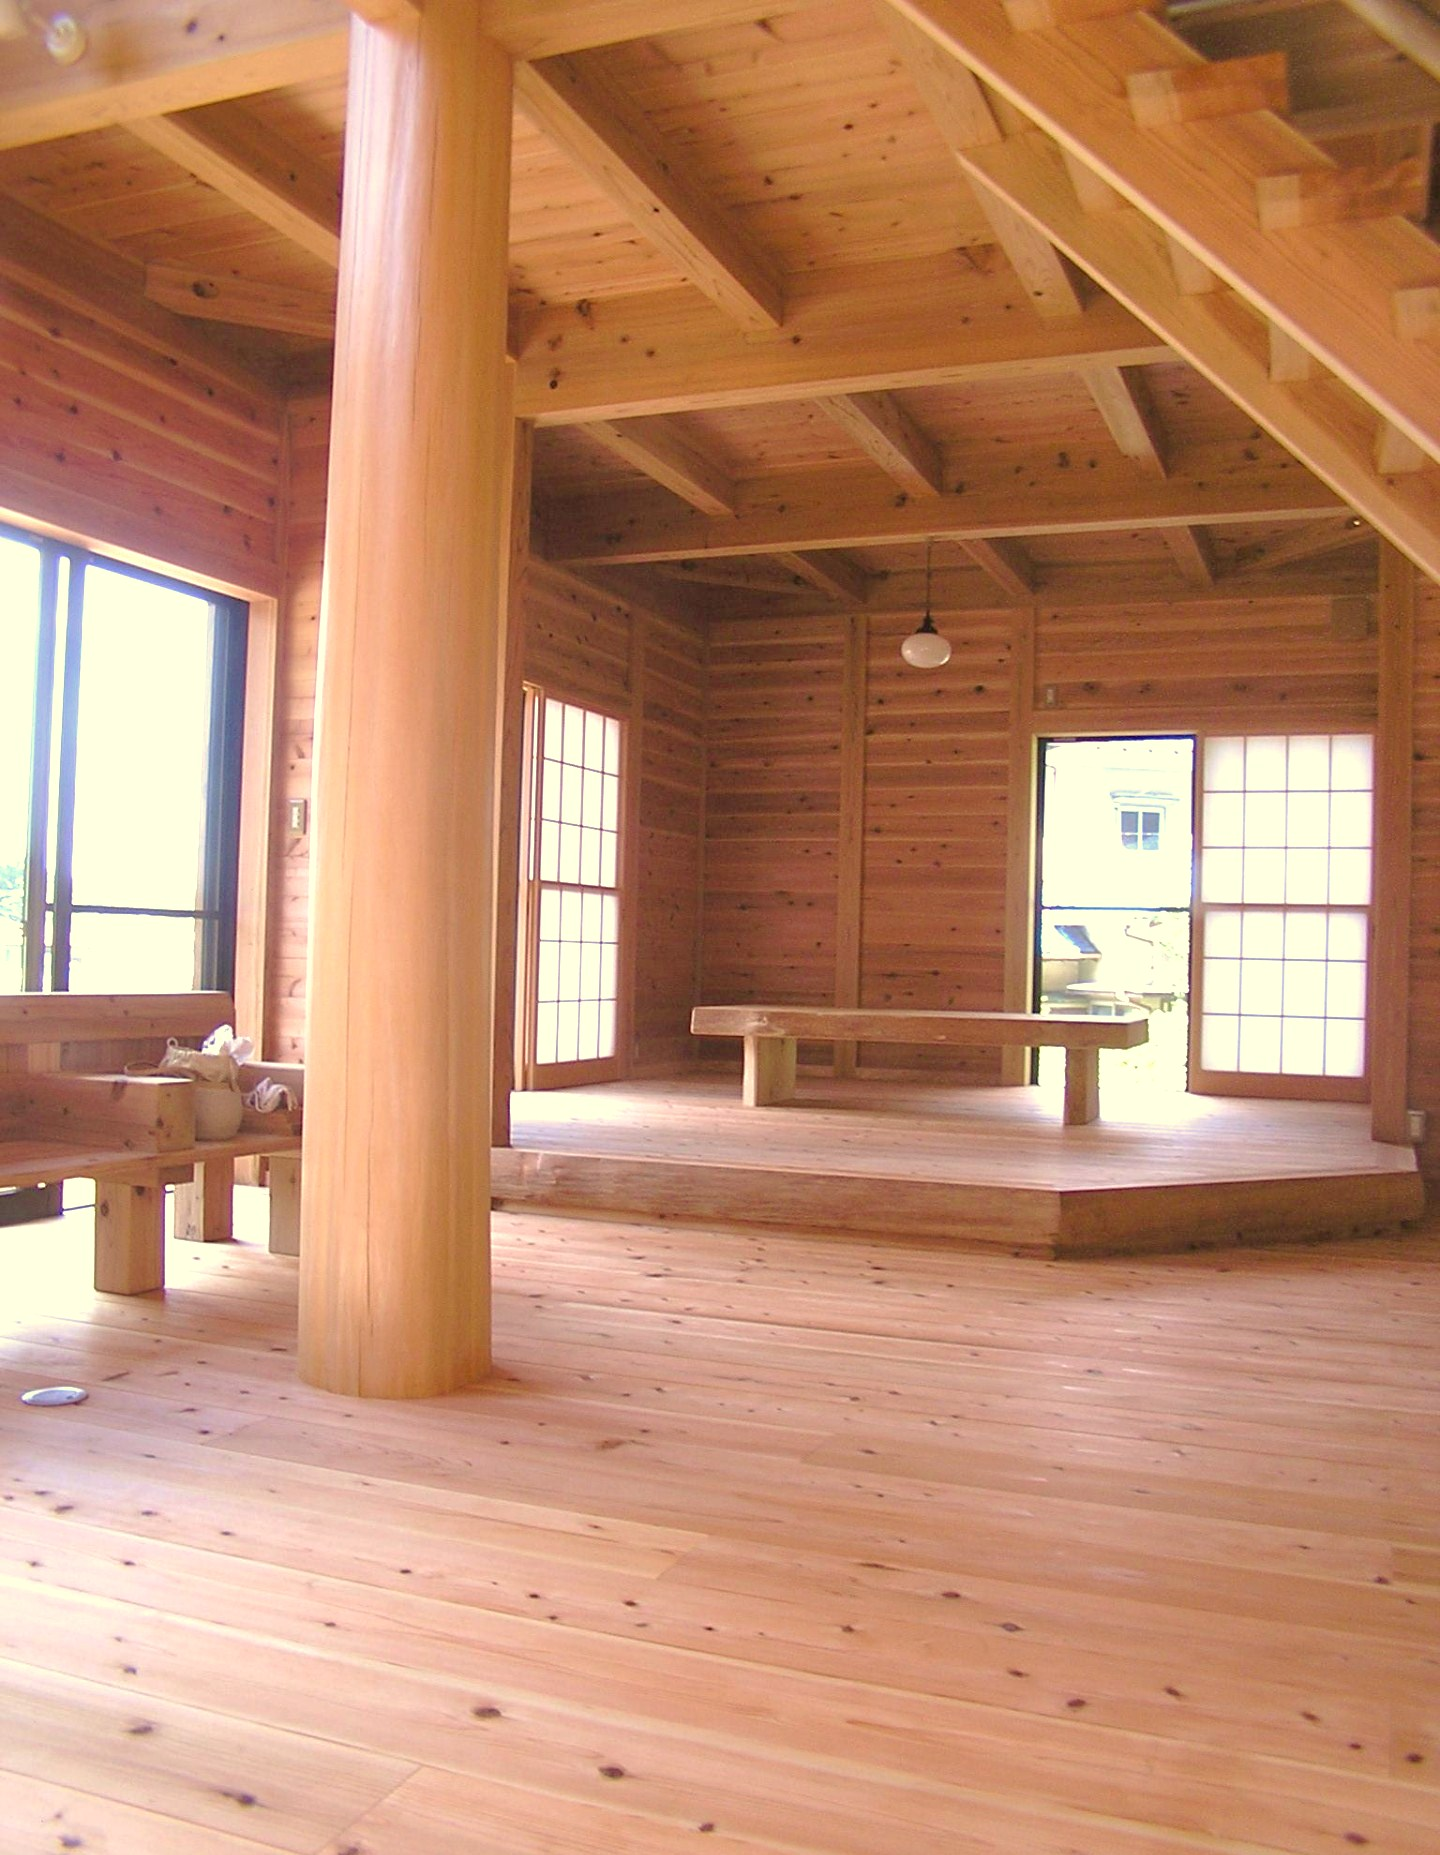 国産材をふんだんに使用した内装、中央の丸柱が象徴的です